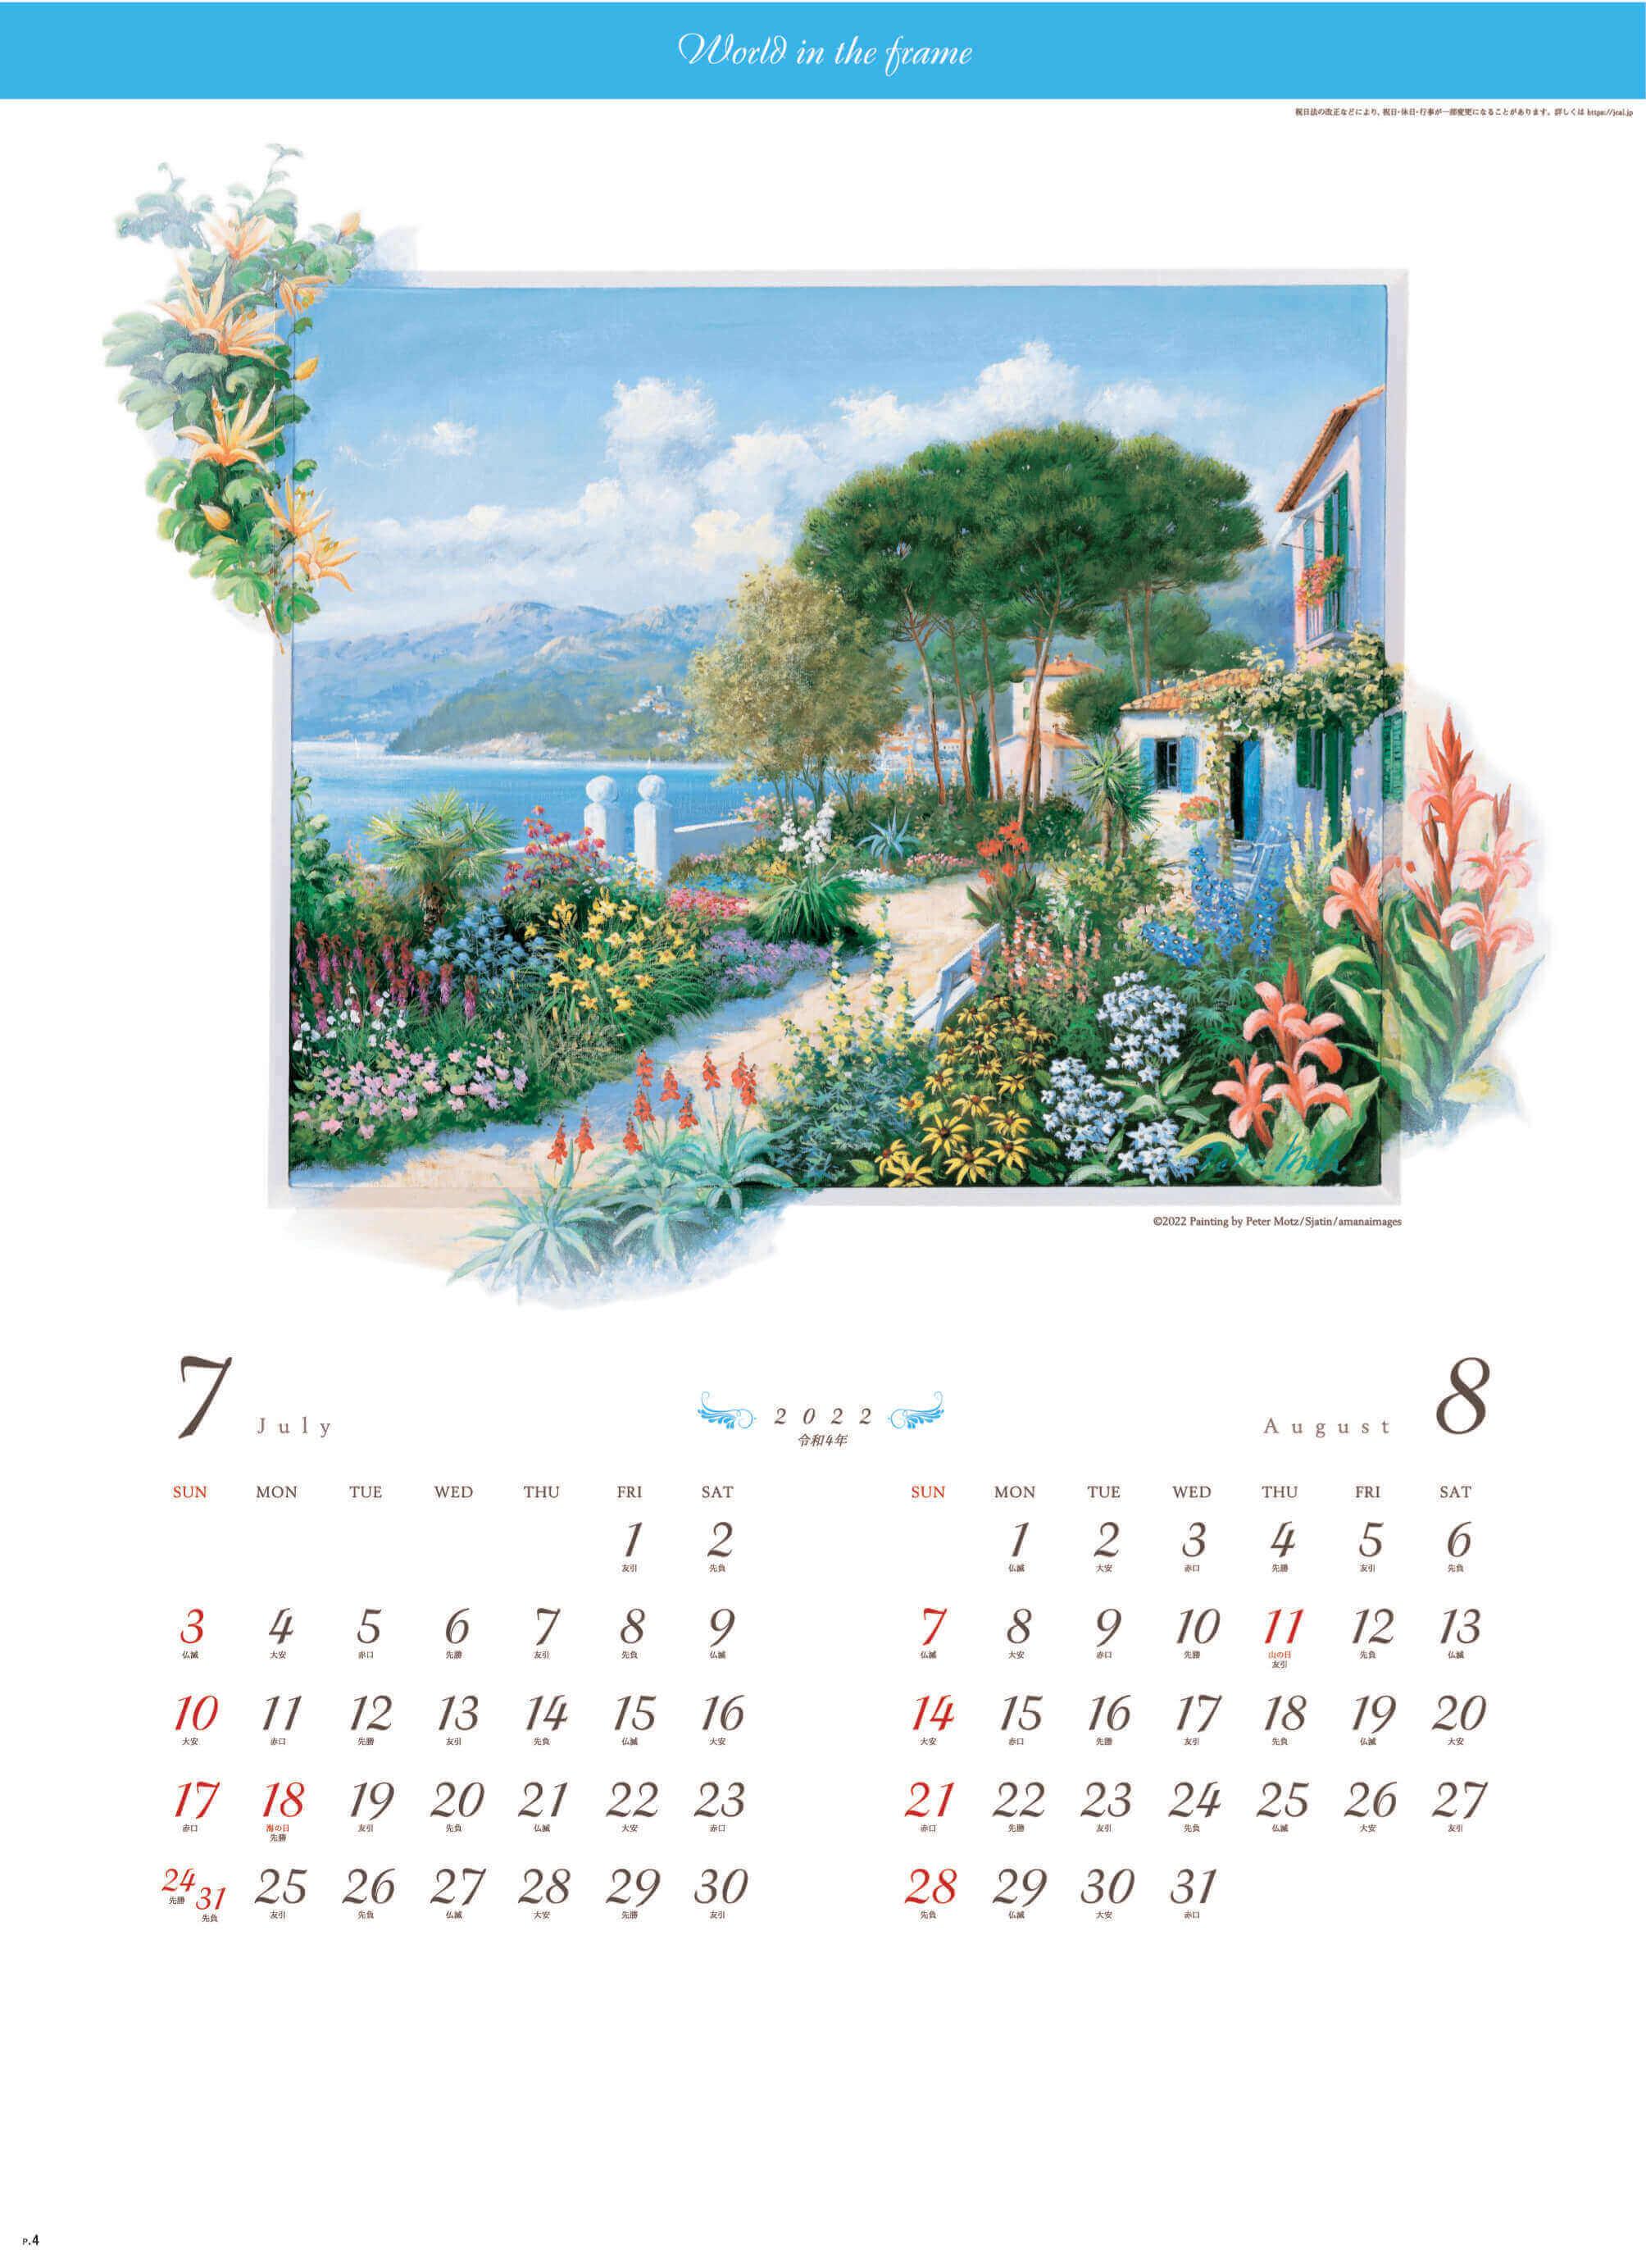 ピーター・モッツ作品集 2022年カレンダーの画像